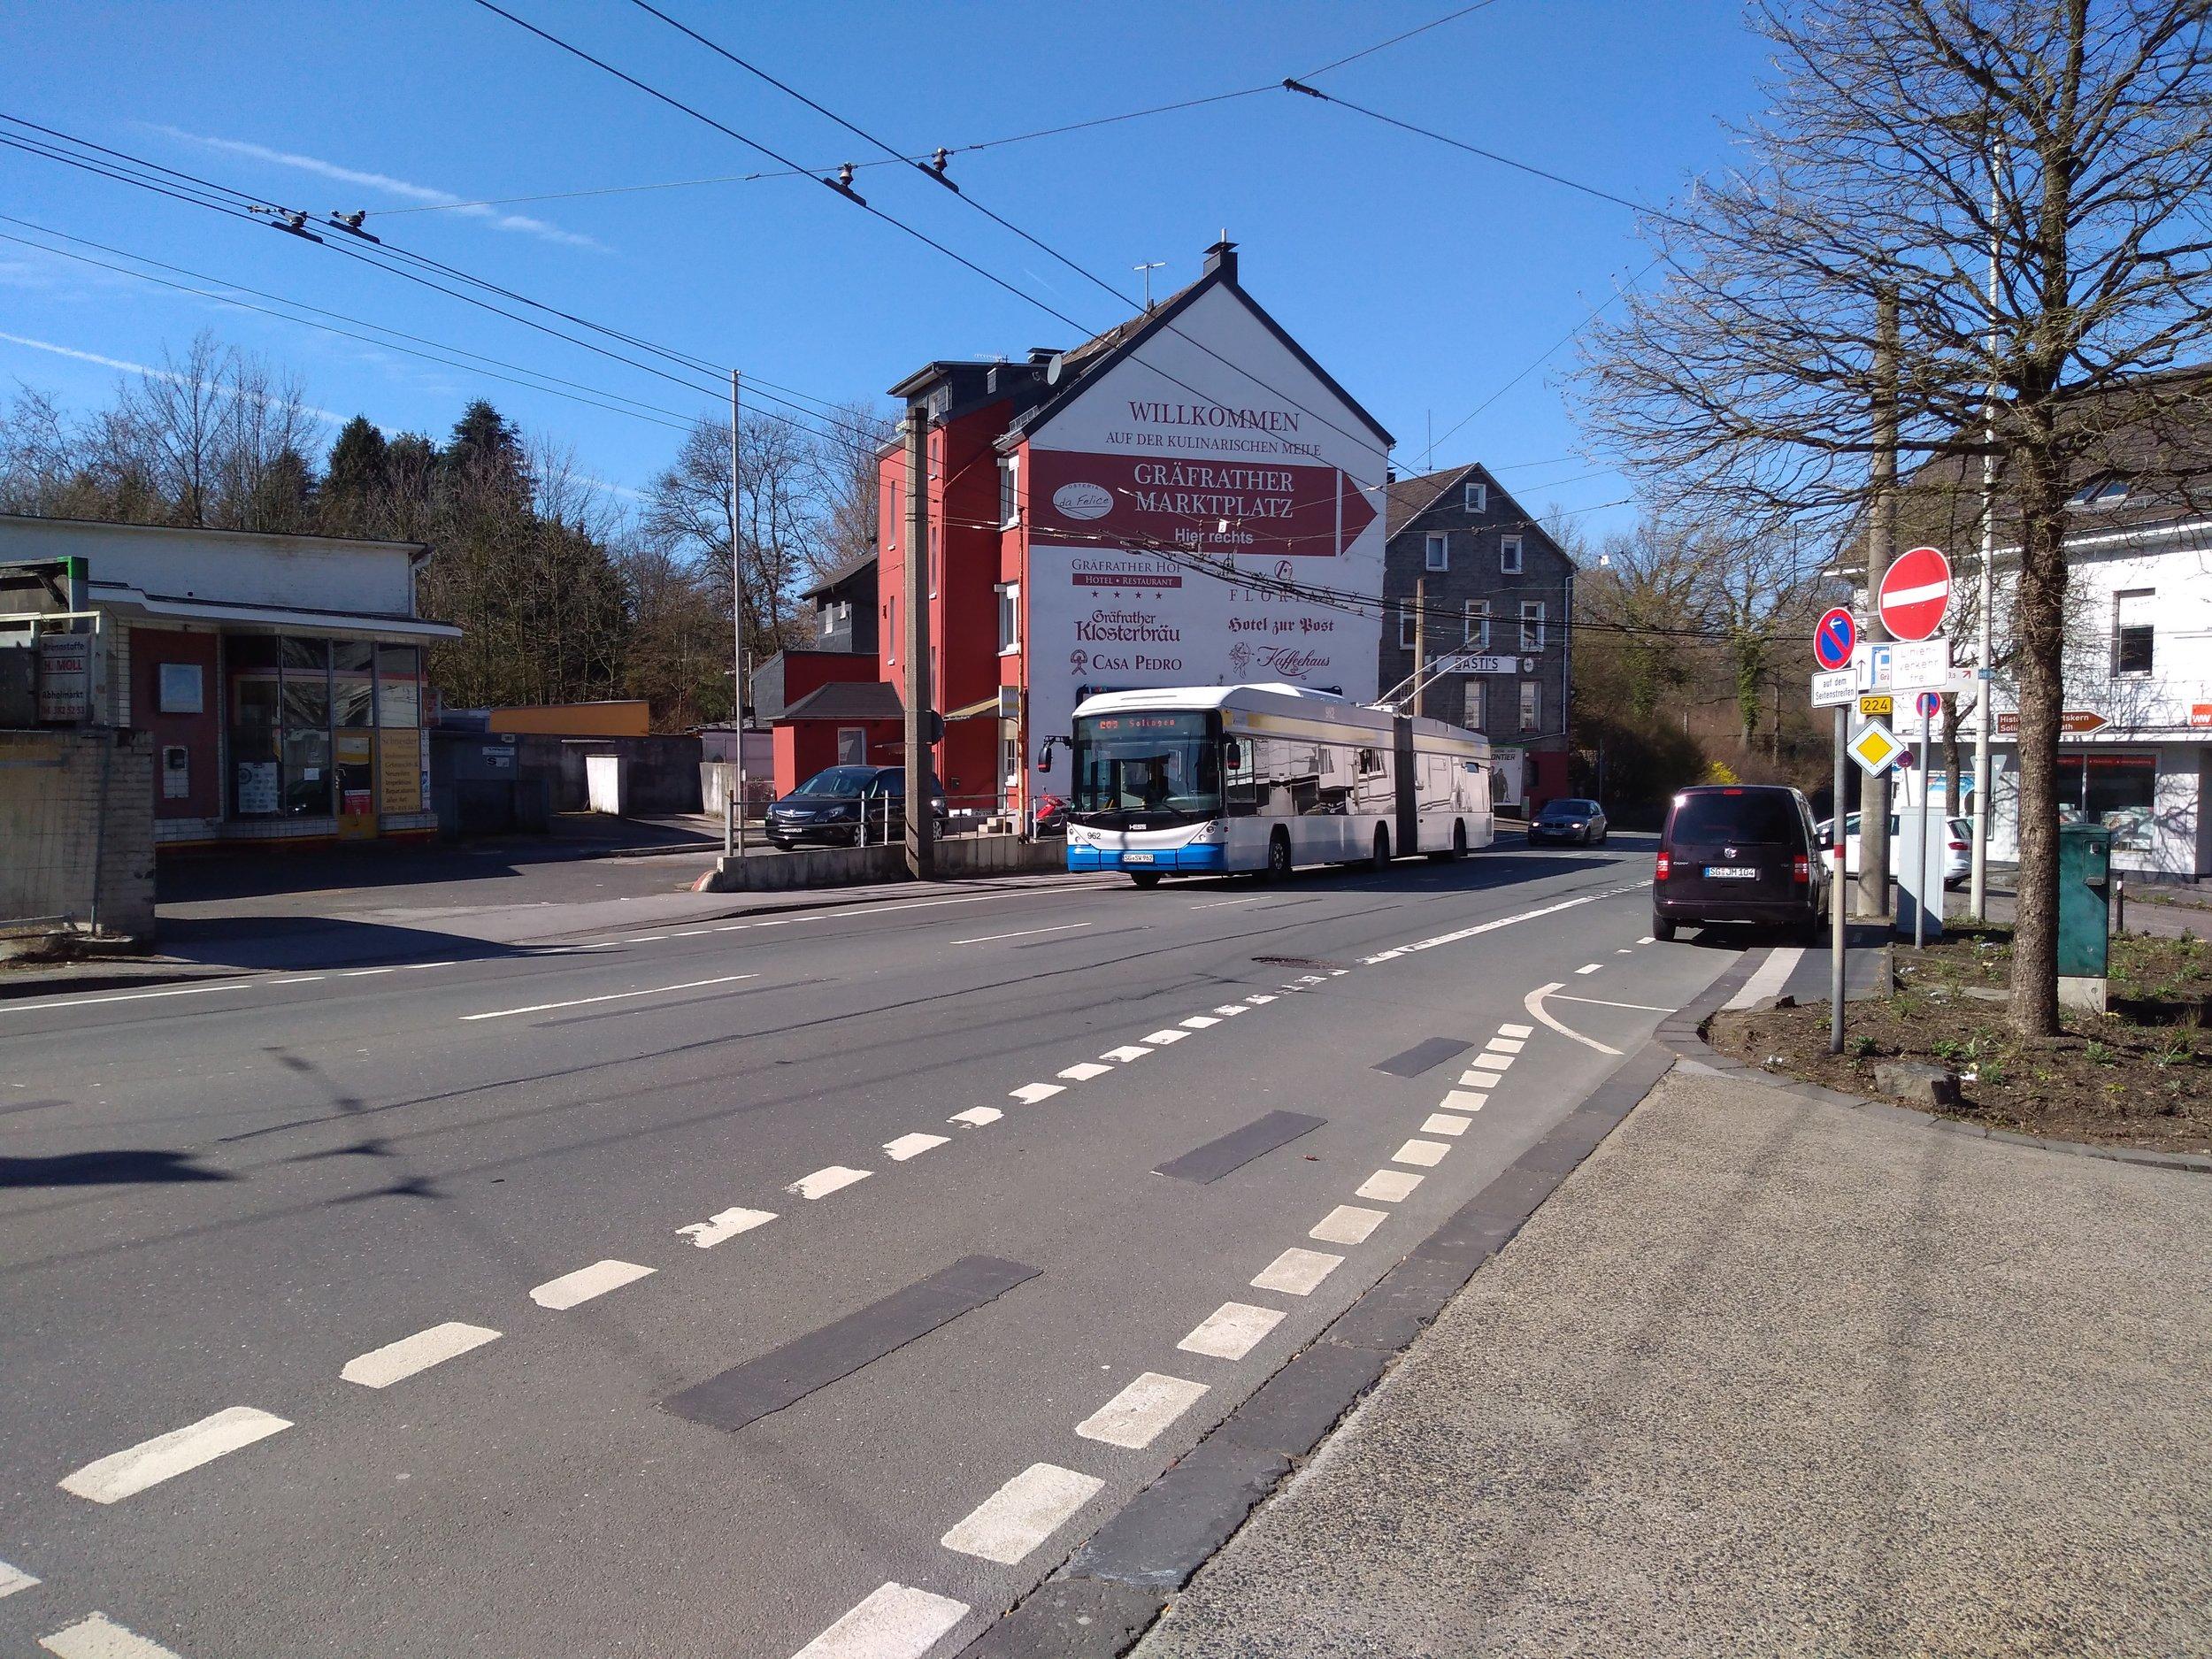 U nácestné smyčky Gräfrath, v běžném provozu nevyužívané. Trolejbus jede z Wuppertalu do Solingenu a právě vyšplhává kopec.